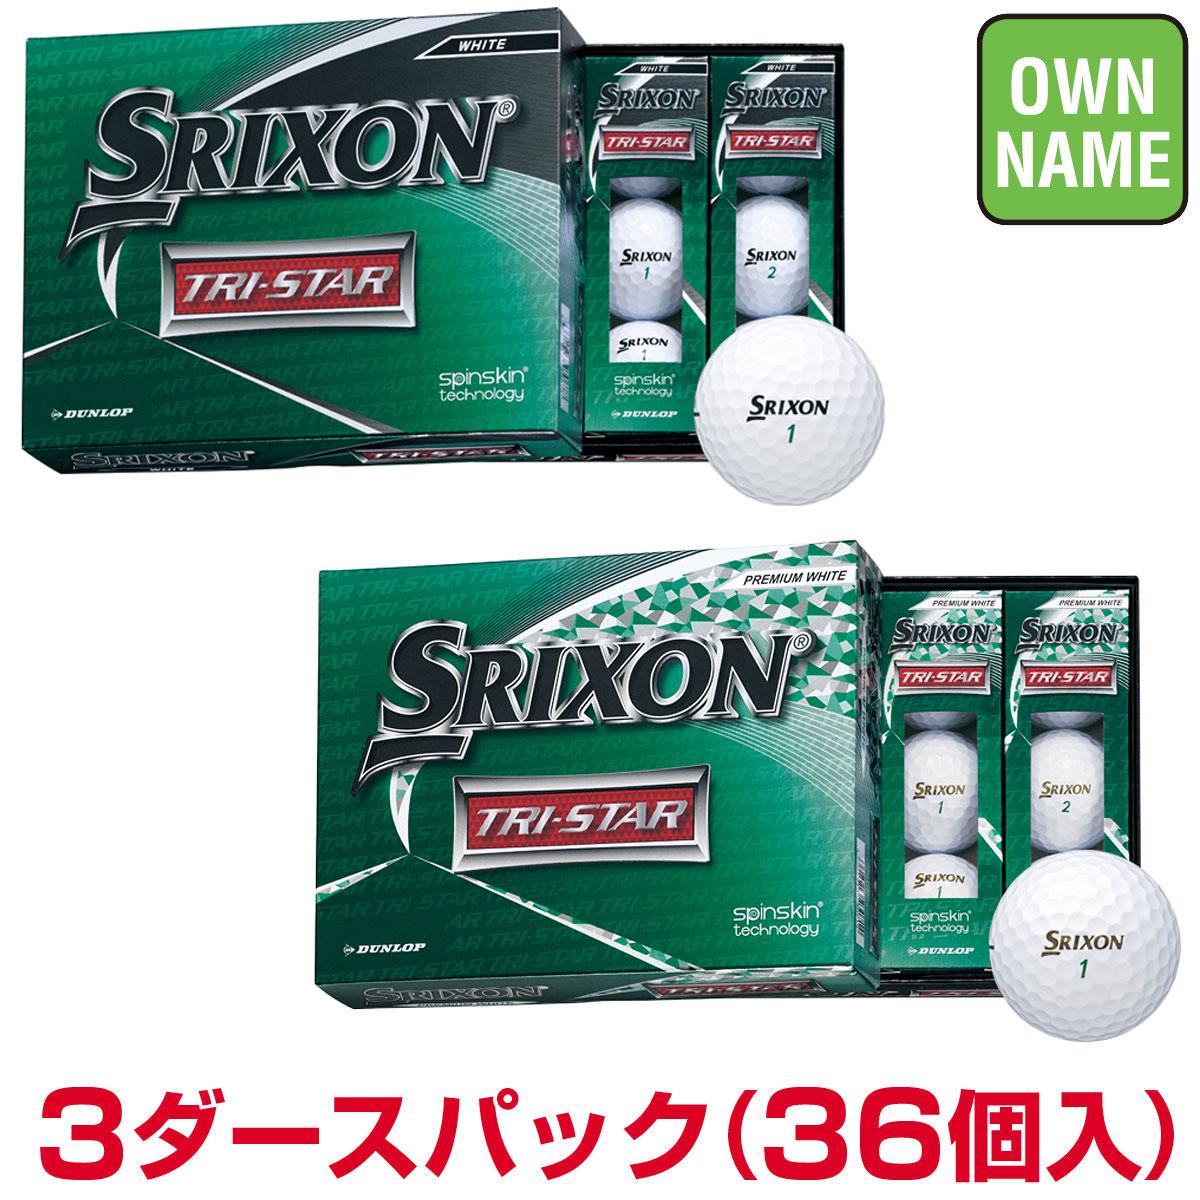 【【最大3300円OFFクーポン】】【オリジナルオンネーム1色使用】DUNLOP(ダンロップ)日本正規品 SRIXON(スリクソン) TRI-STAR(トライスター) 2020新製品 ゴルフボール 3ダース(36個入り)